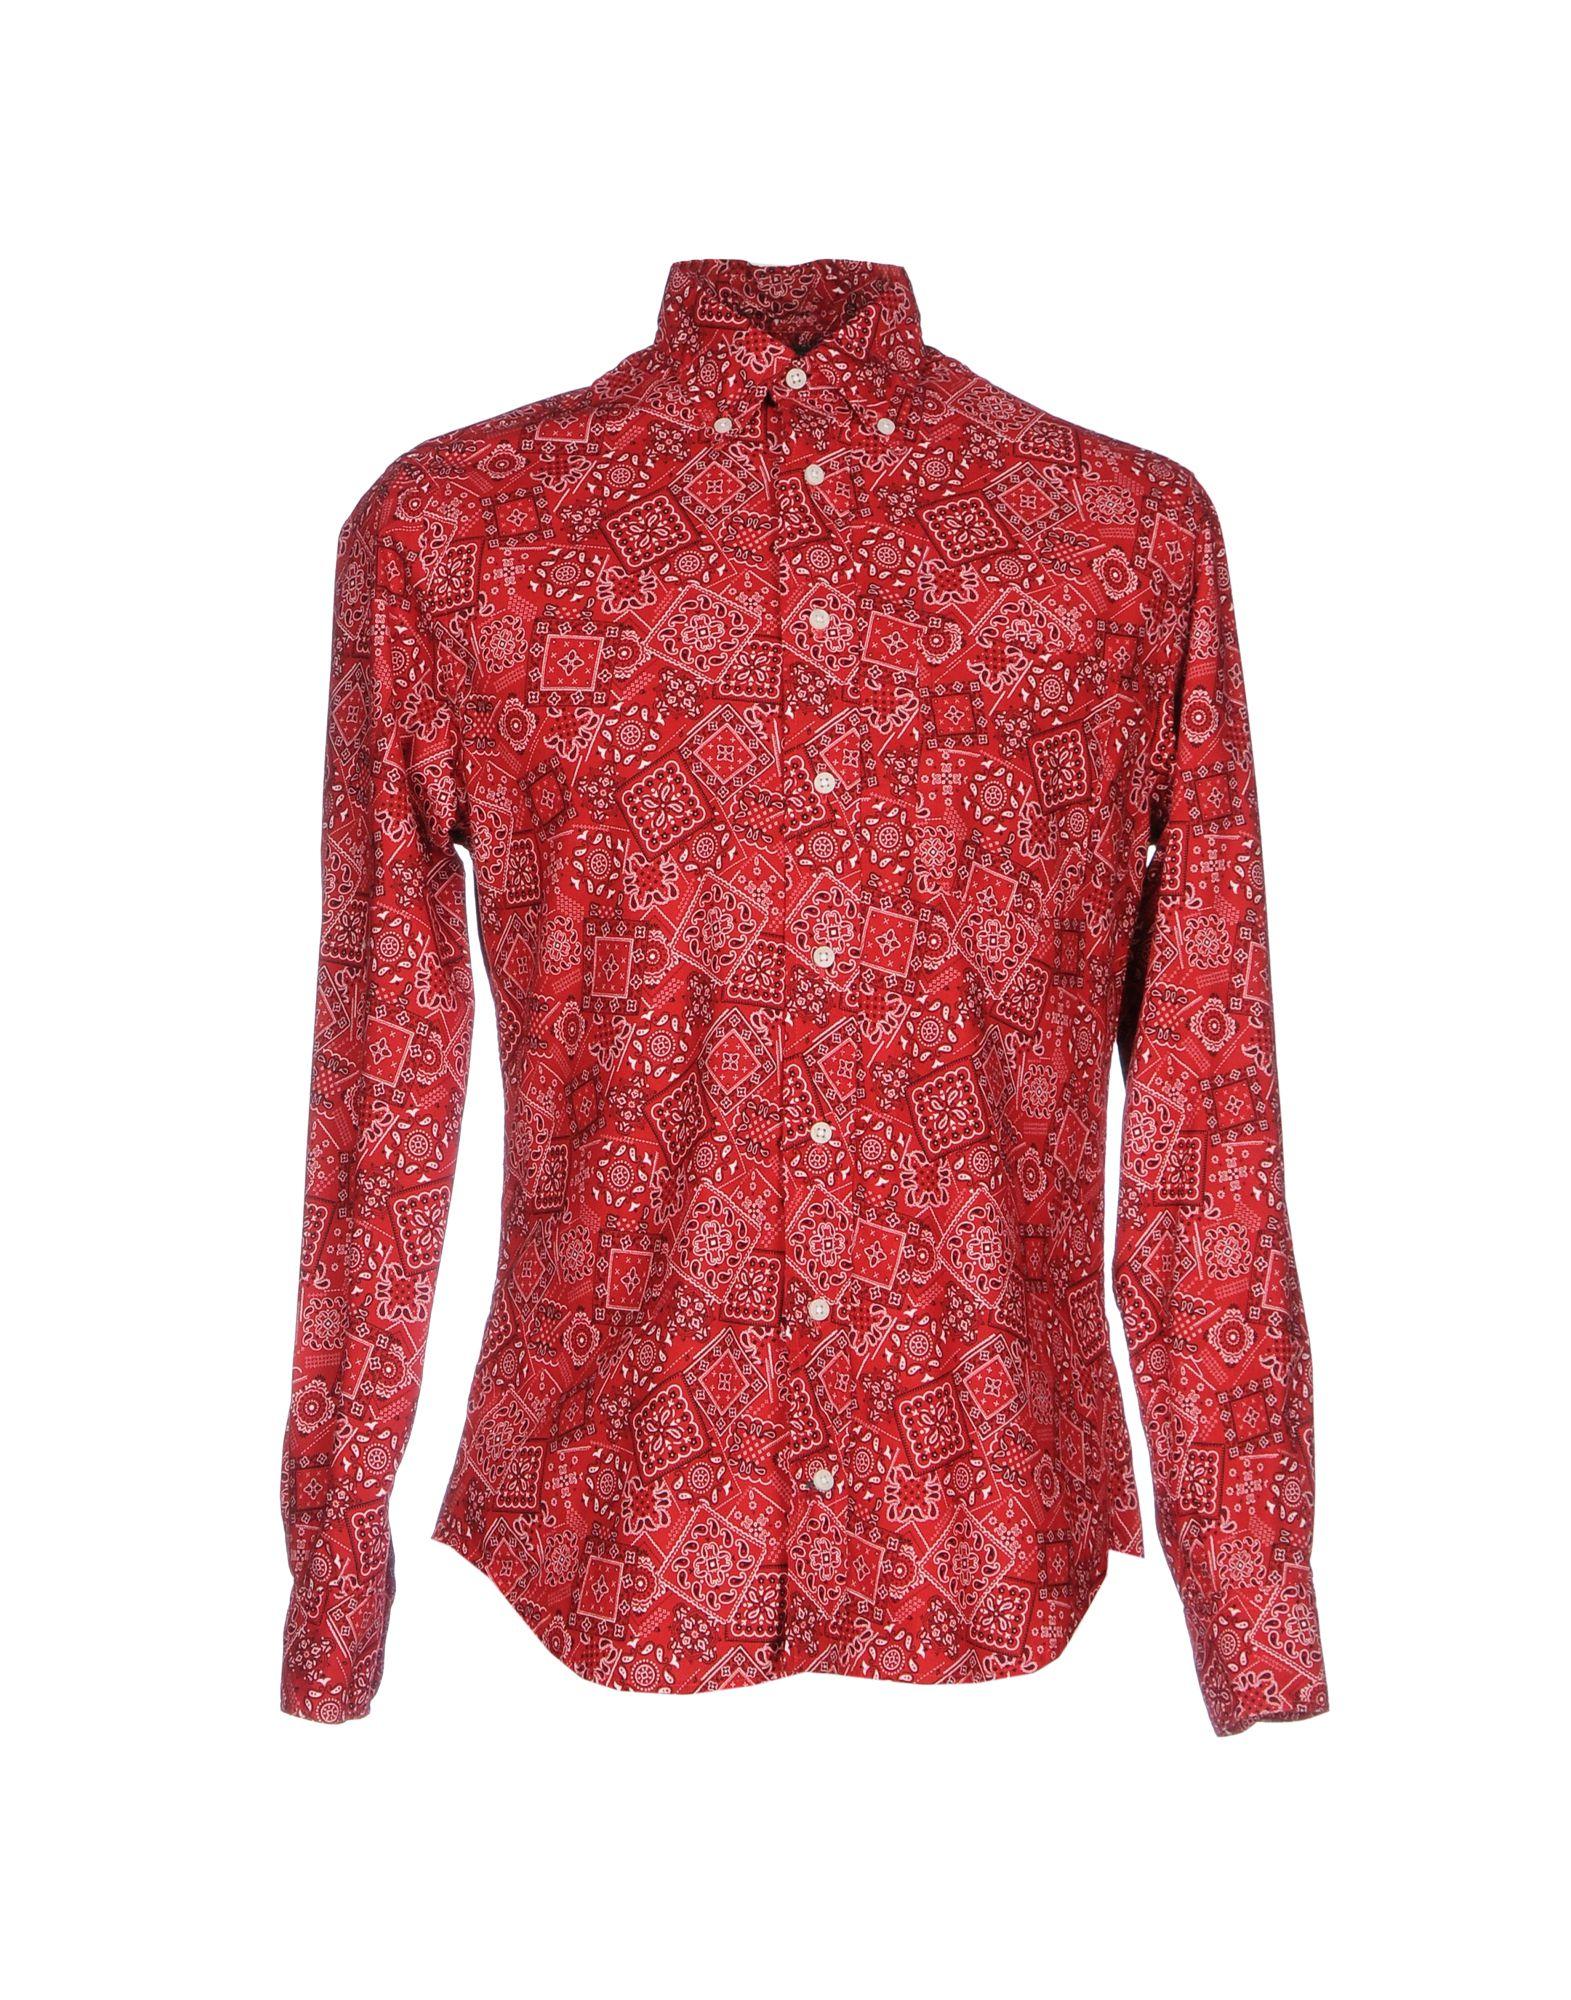 GITMAN BROS. Vintage Herren Hemd Farbe Rot Größe 5 jetztbilligerkaufen